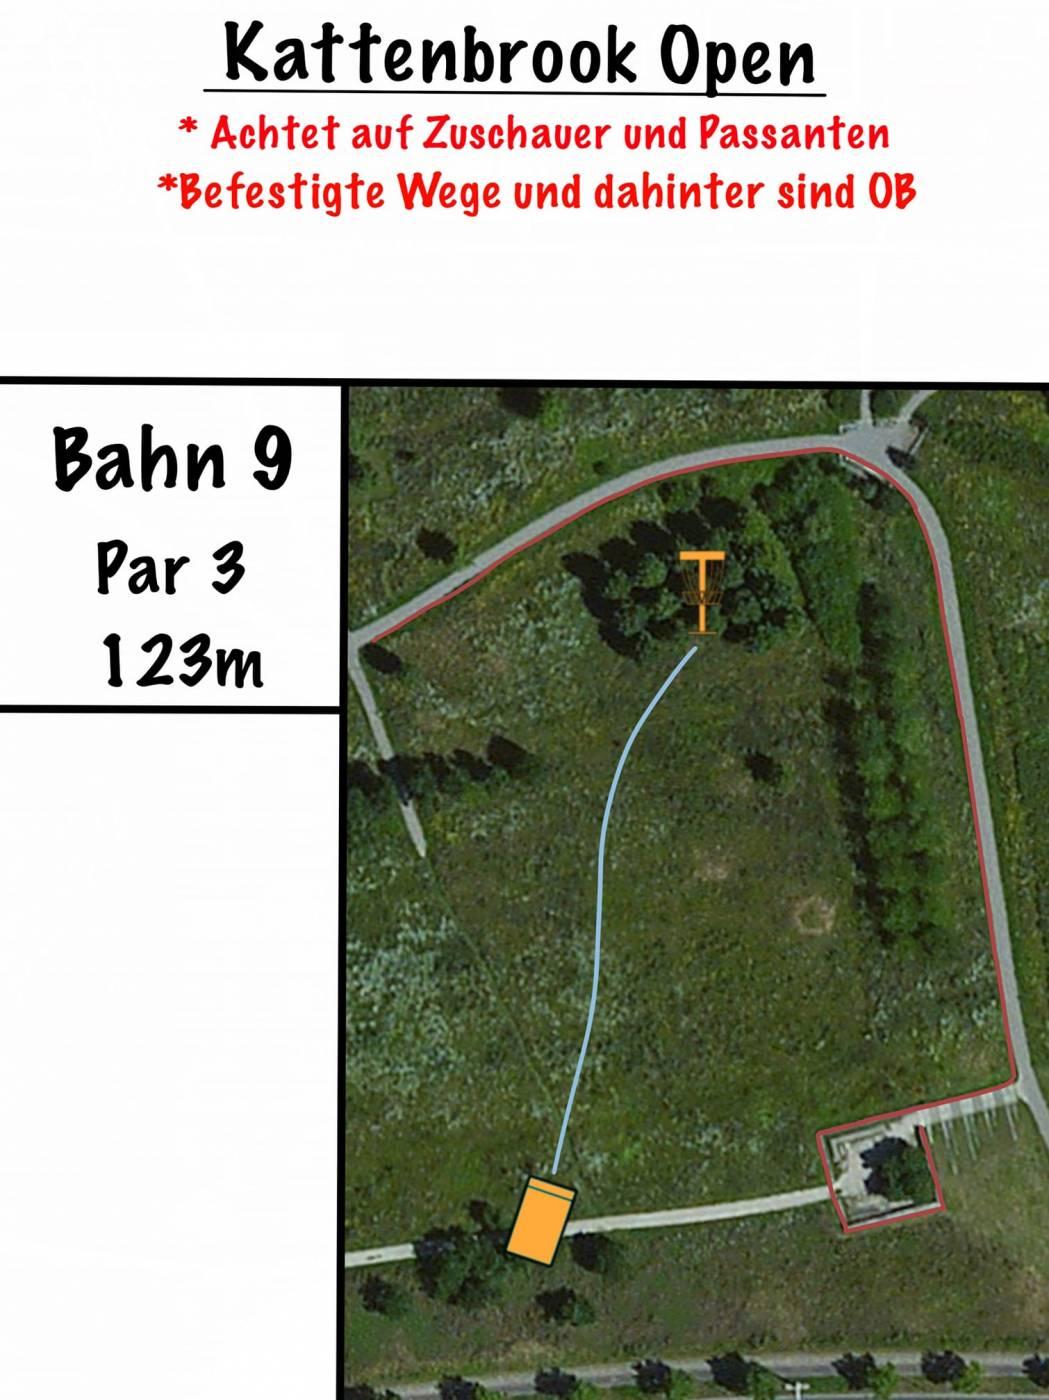 Bahn9